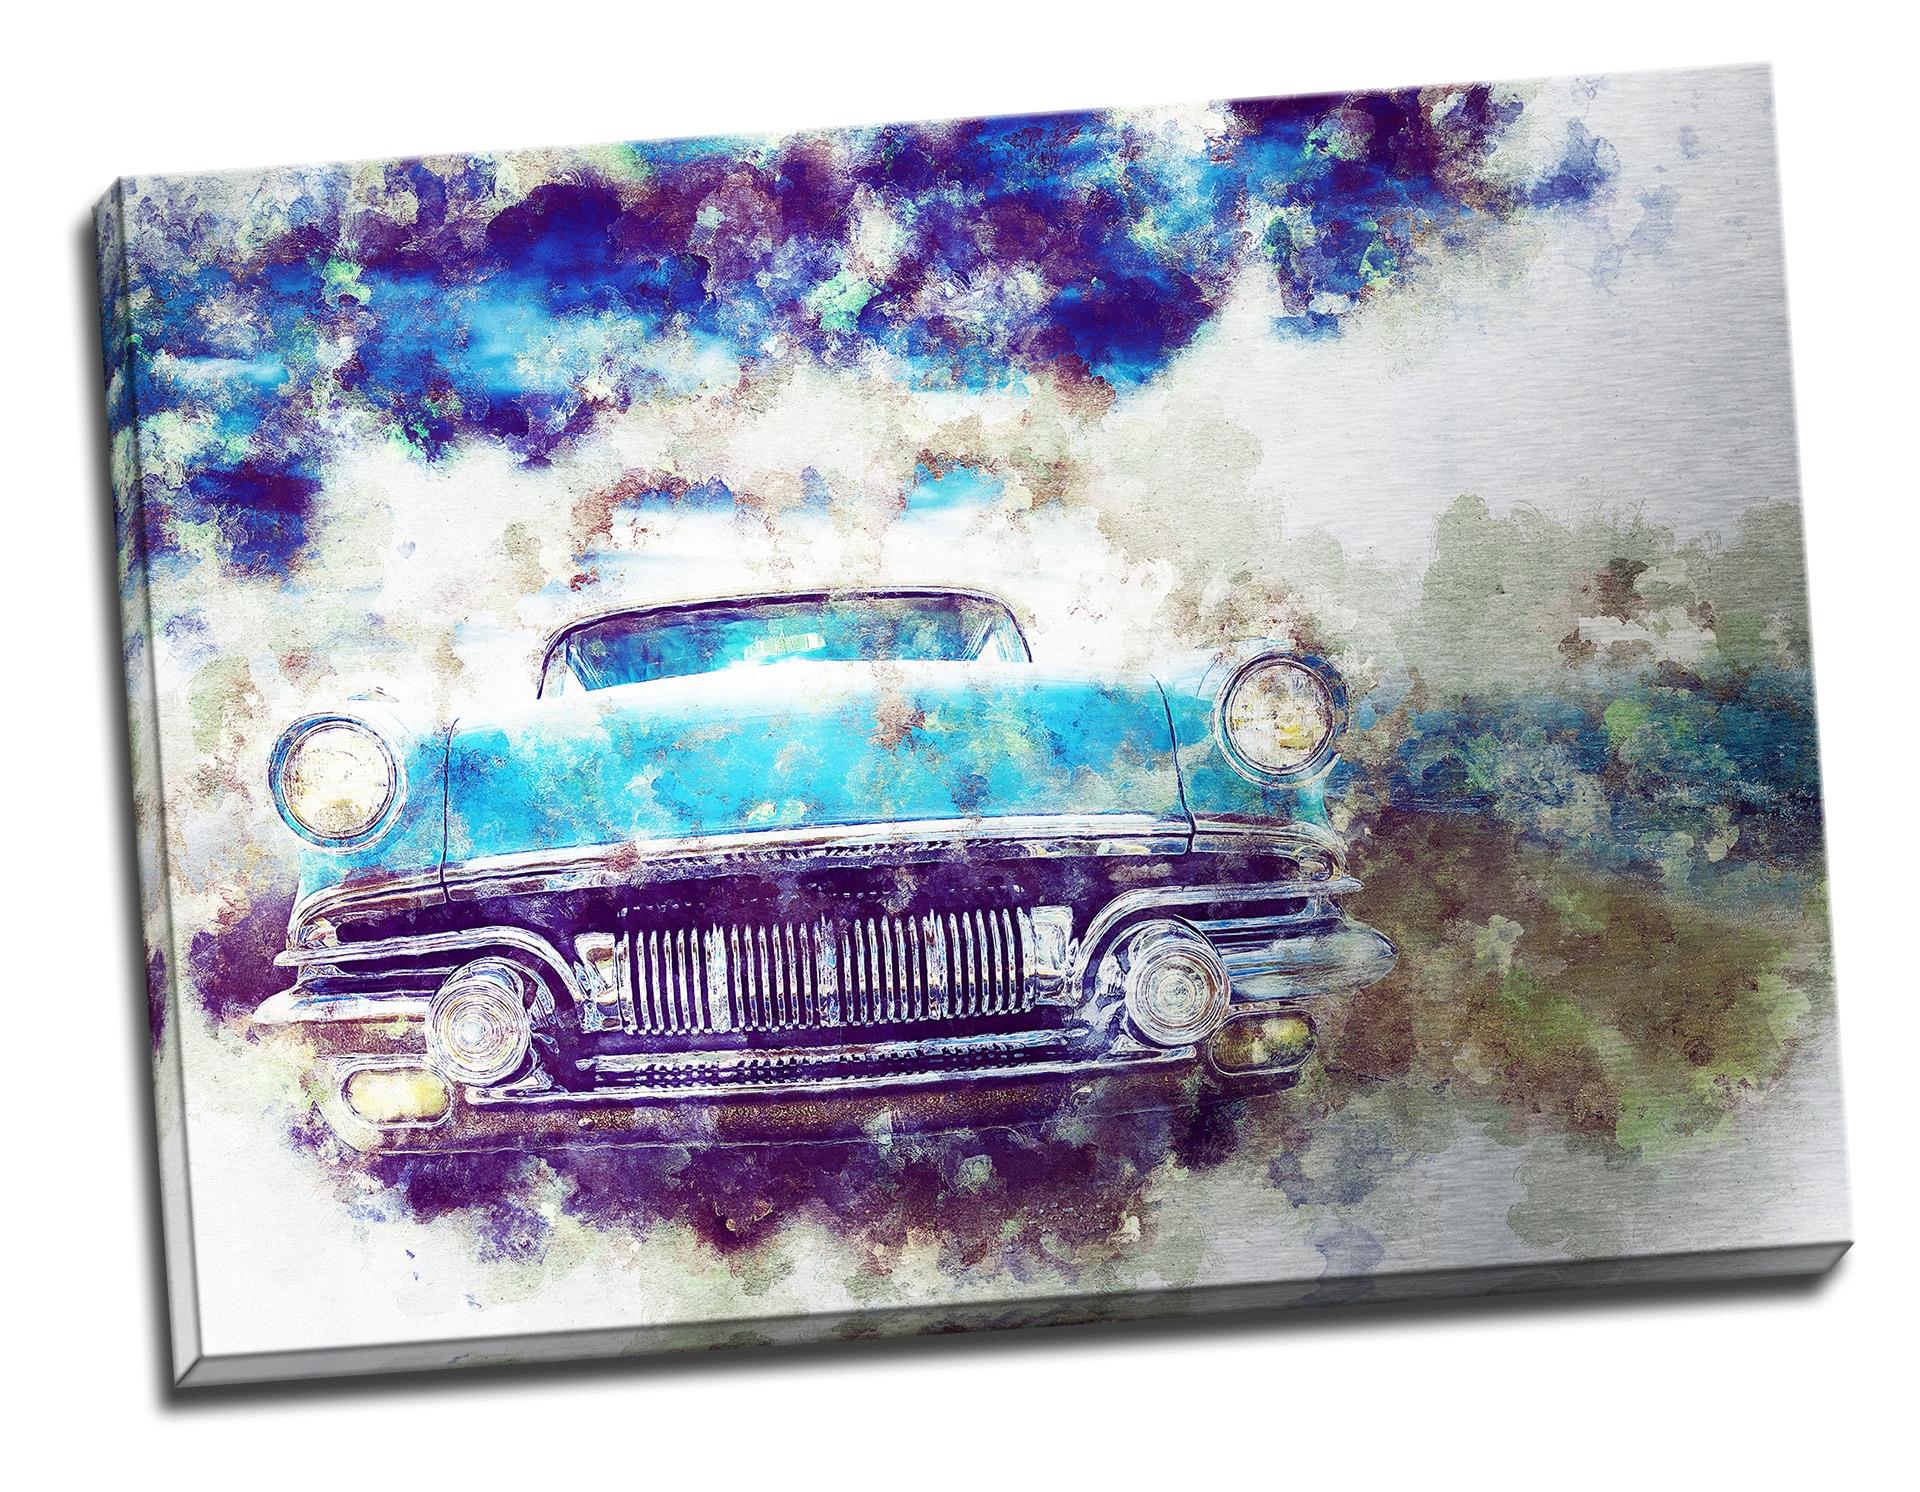 Tablou din aluminiu striat Blue Ride